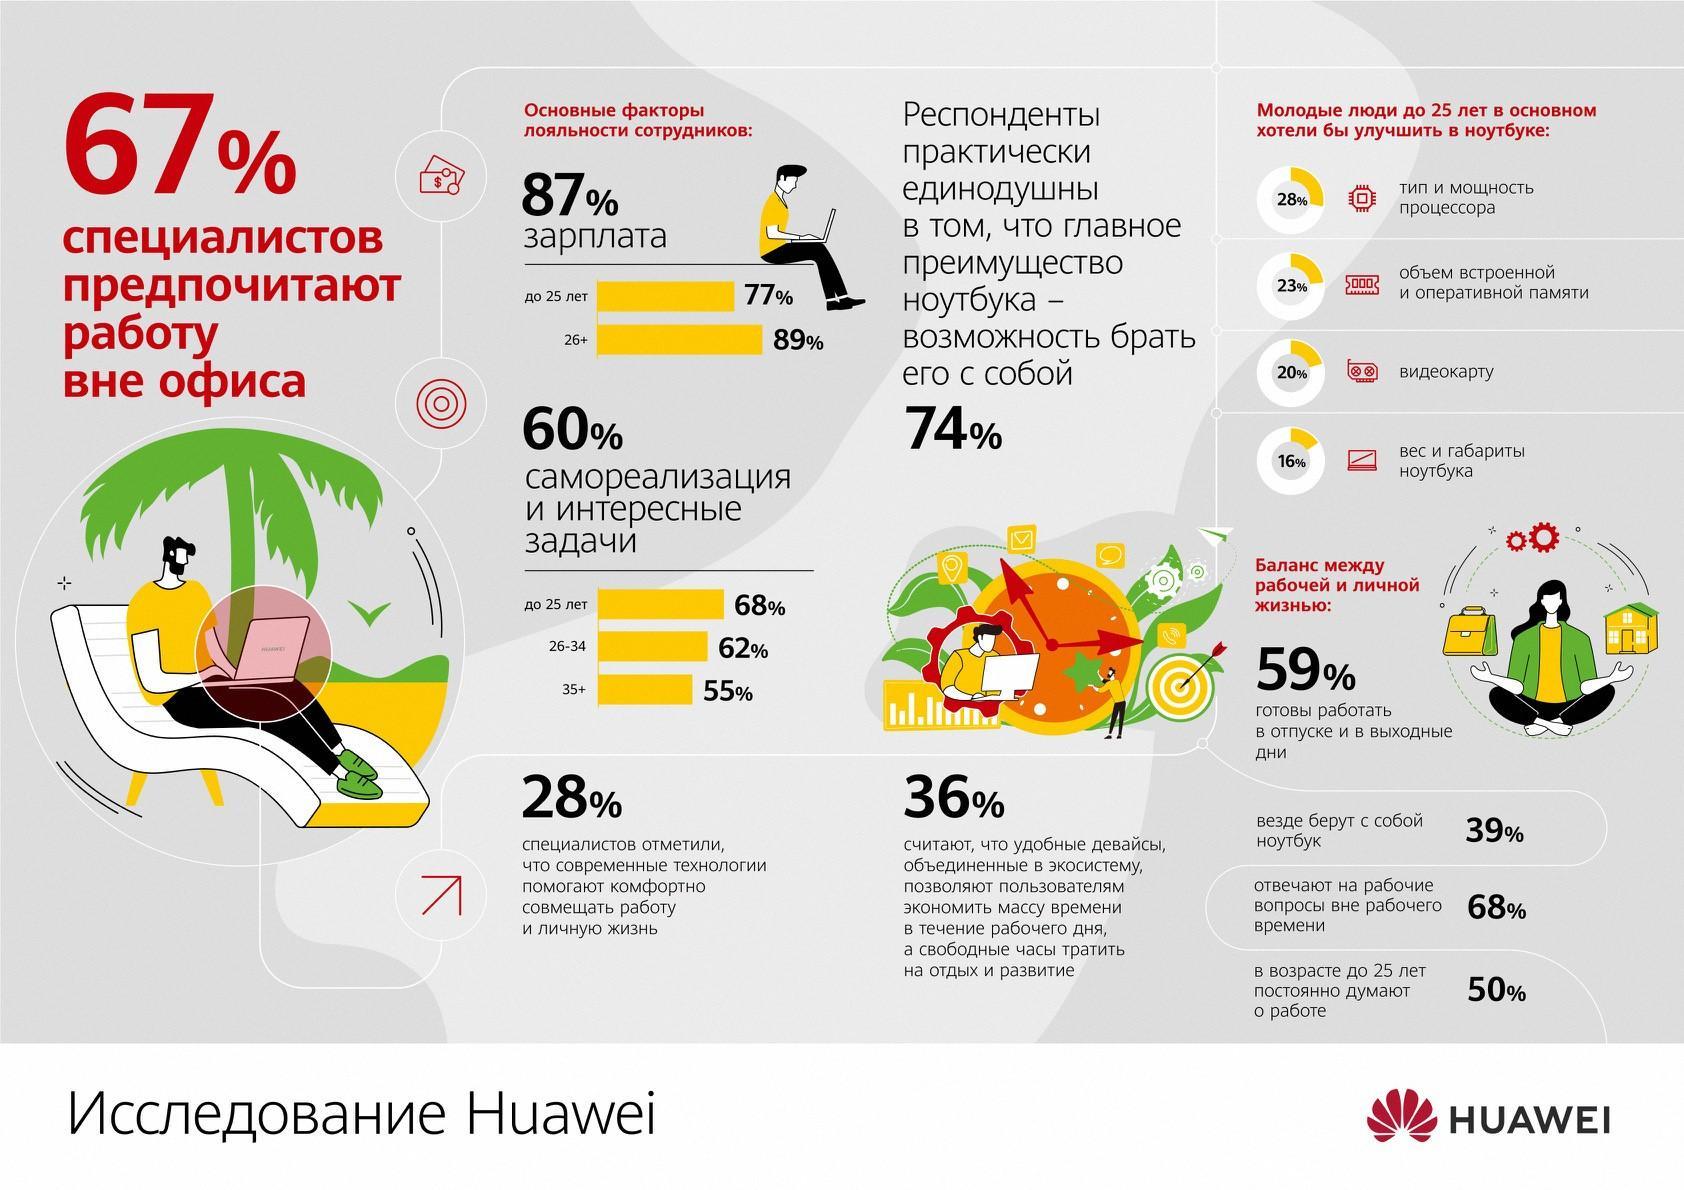 Исследование Huawei: 67% специалистов предпочитают работу вне офиса